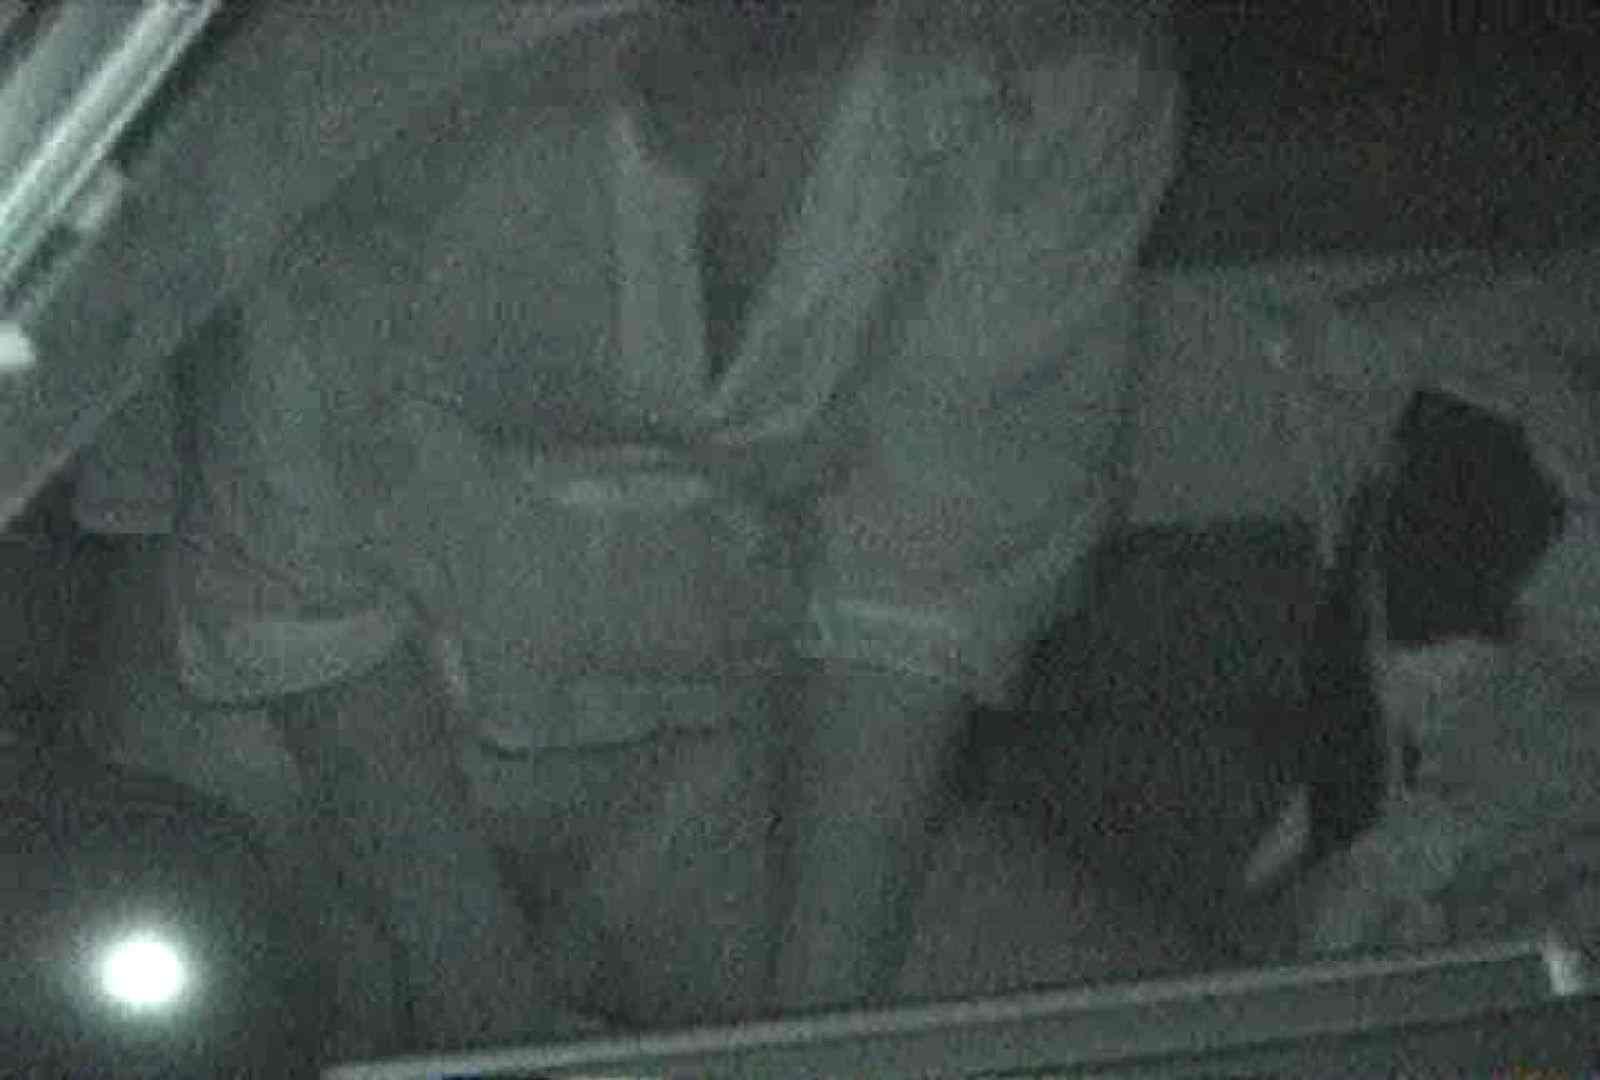 充血監督の深夜の運動会Vol.56 エロティックなOL 盗撮動画紹介 103画像 23